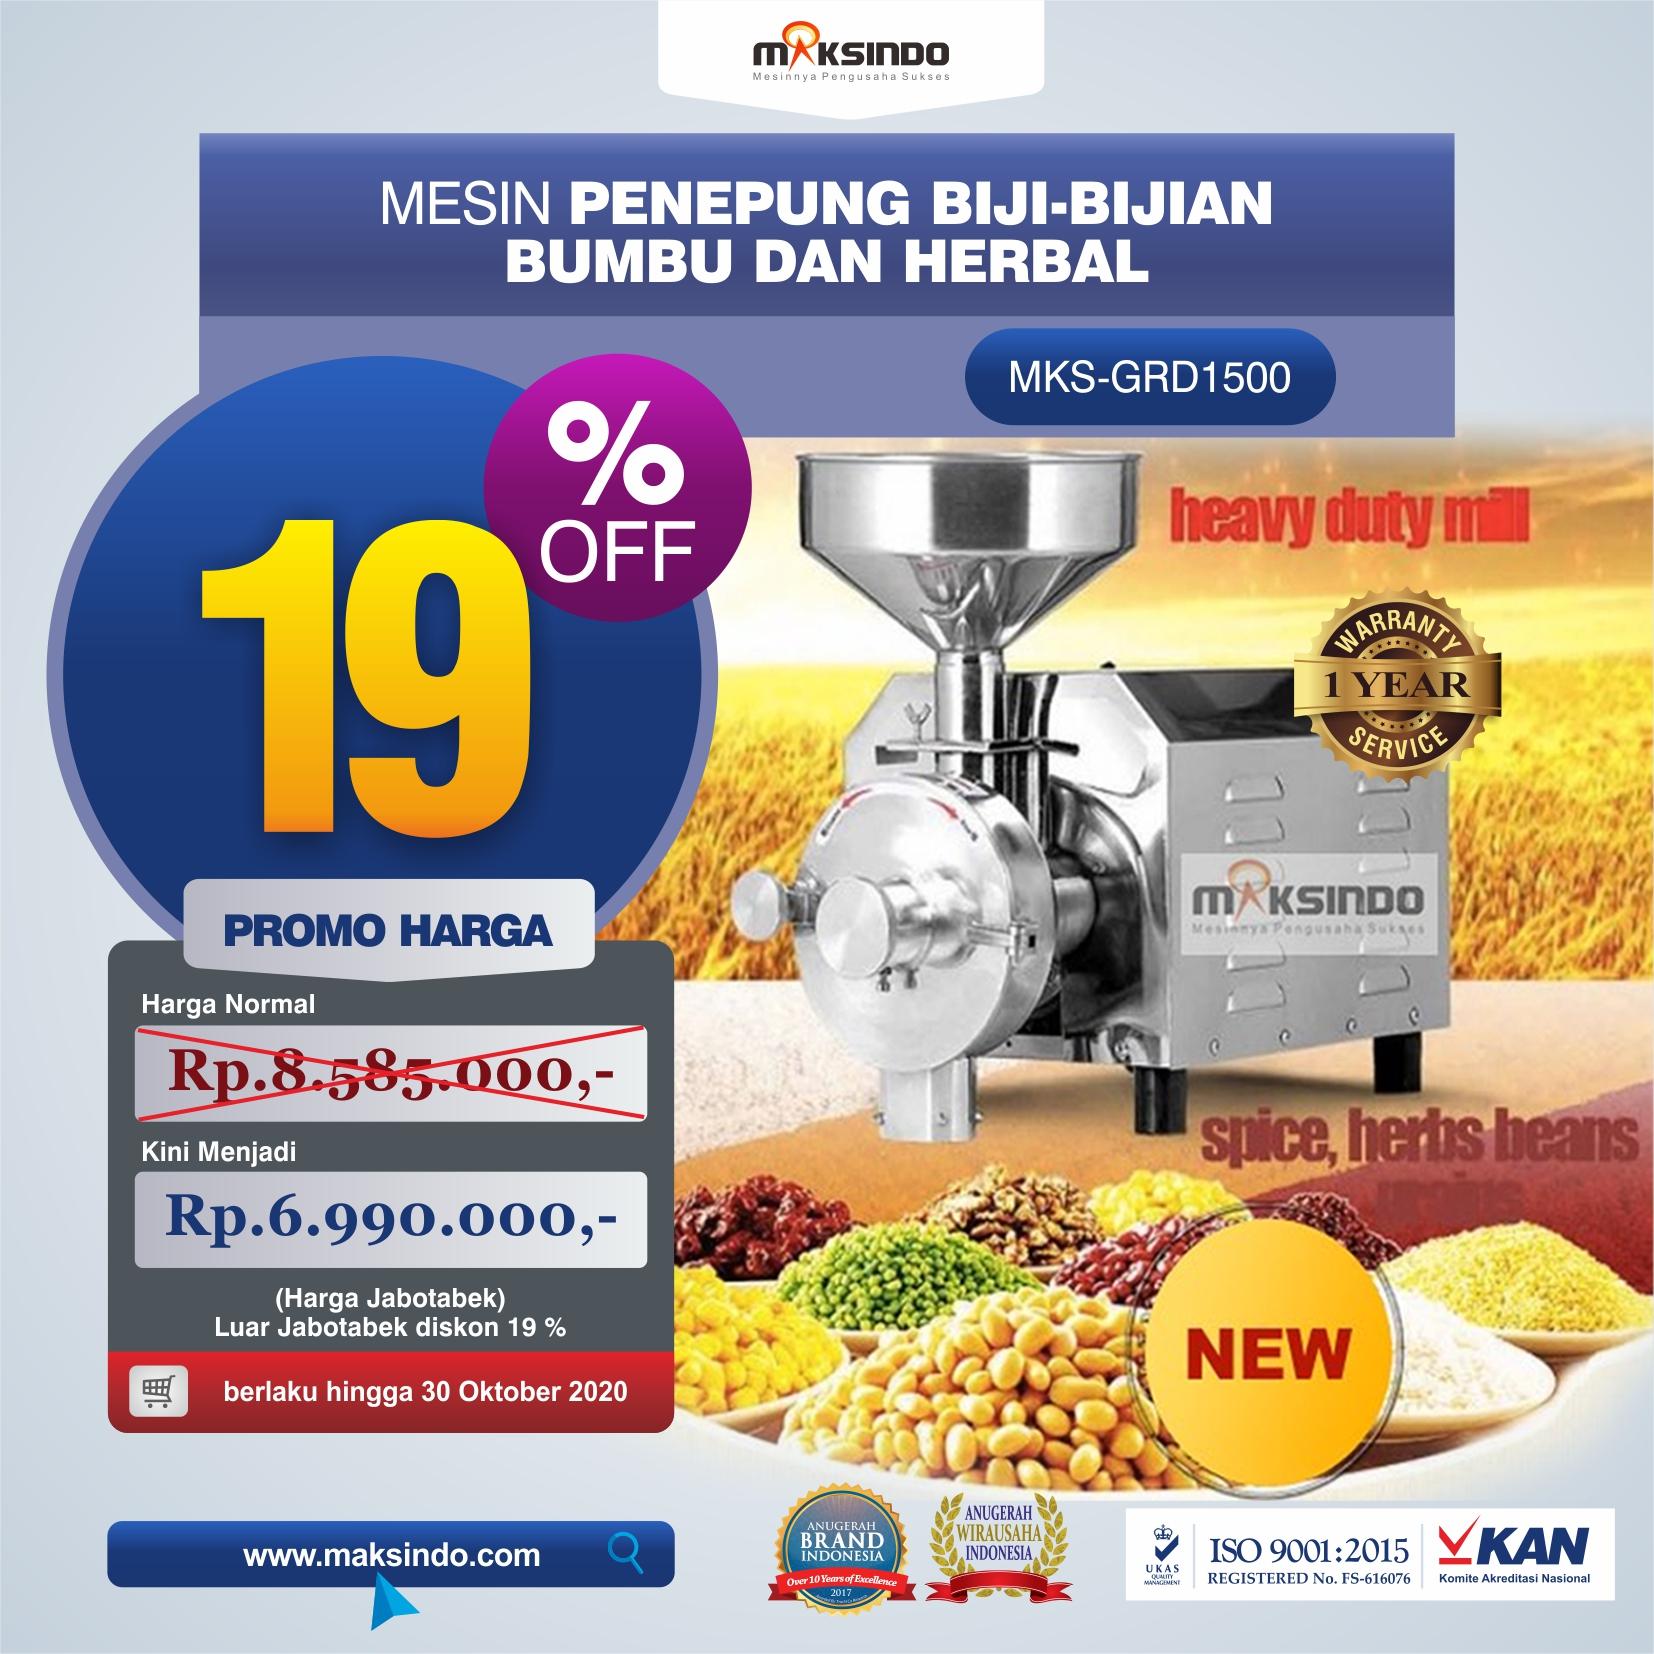 Jual Penepung Biji, Bumbu dan Herbal (GRD1500) di Tangerang